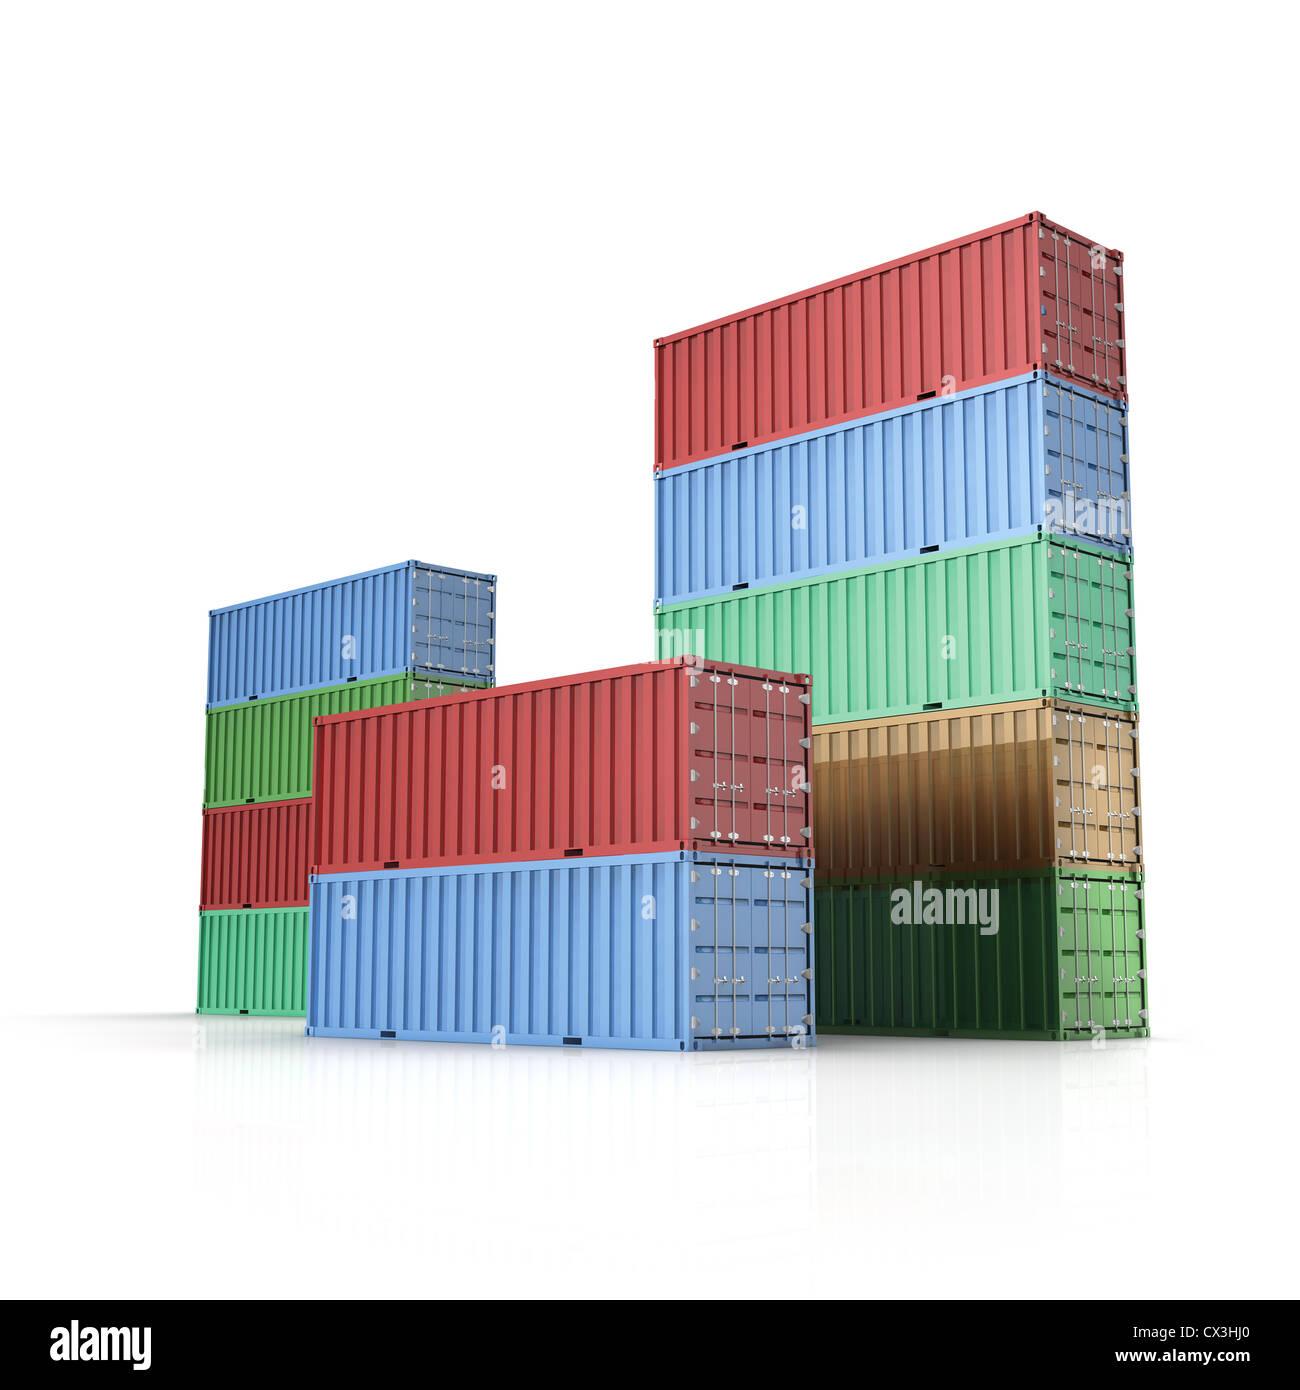 Container / Frachtcontainer Für Schiffsfracht Auf Weissem Hintergrund - International Container für Fracht Stockbild